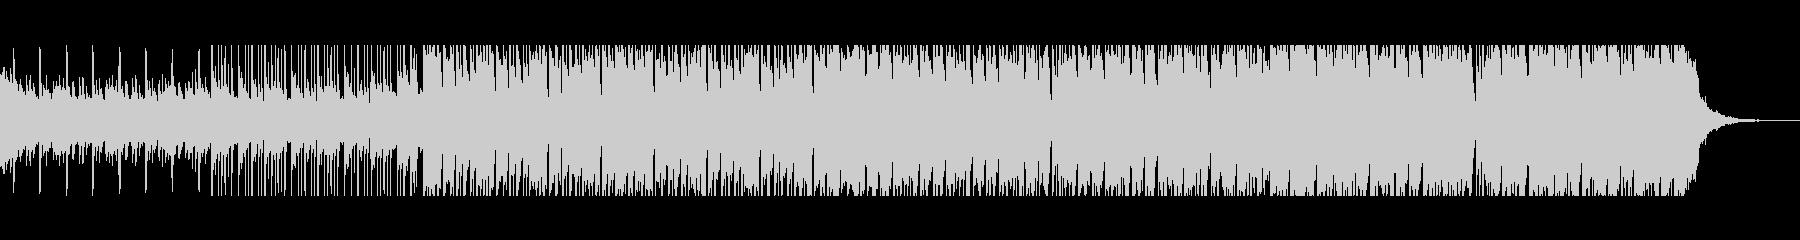 オリエンタル(90秒)の未再生の波形